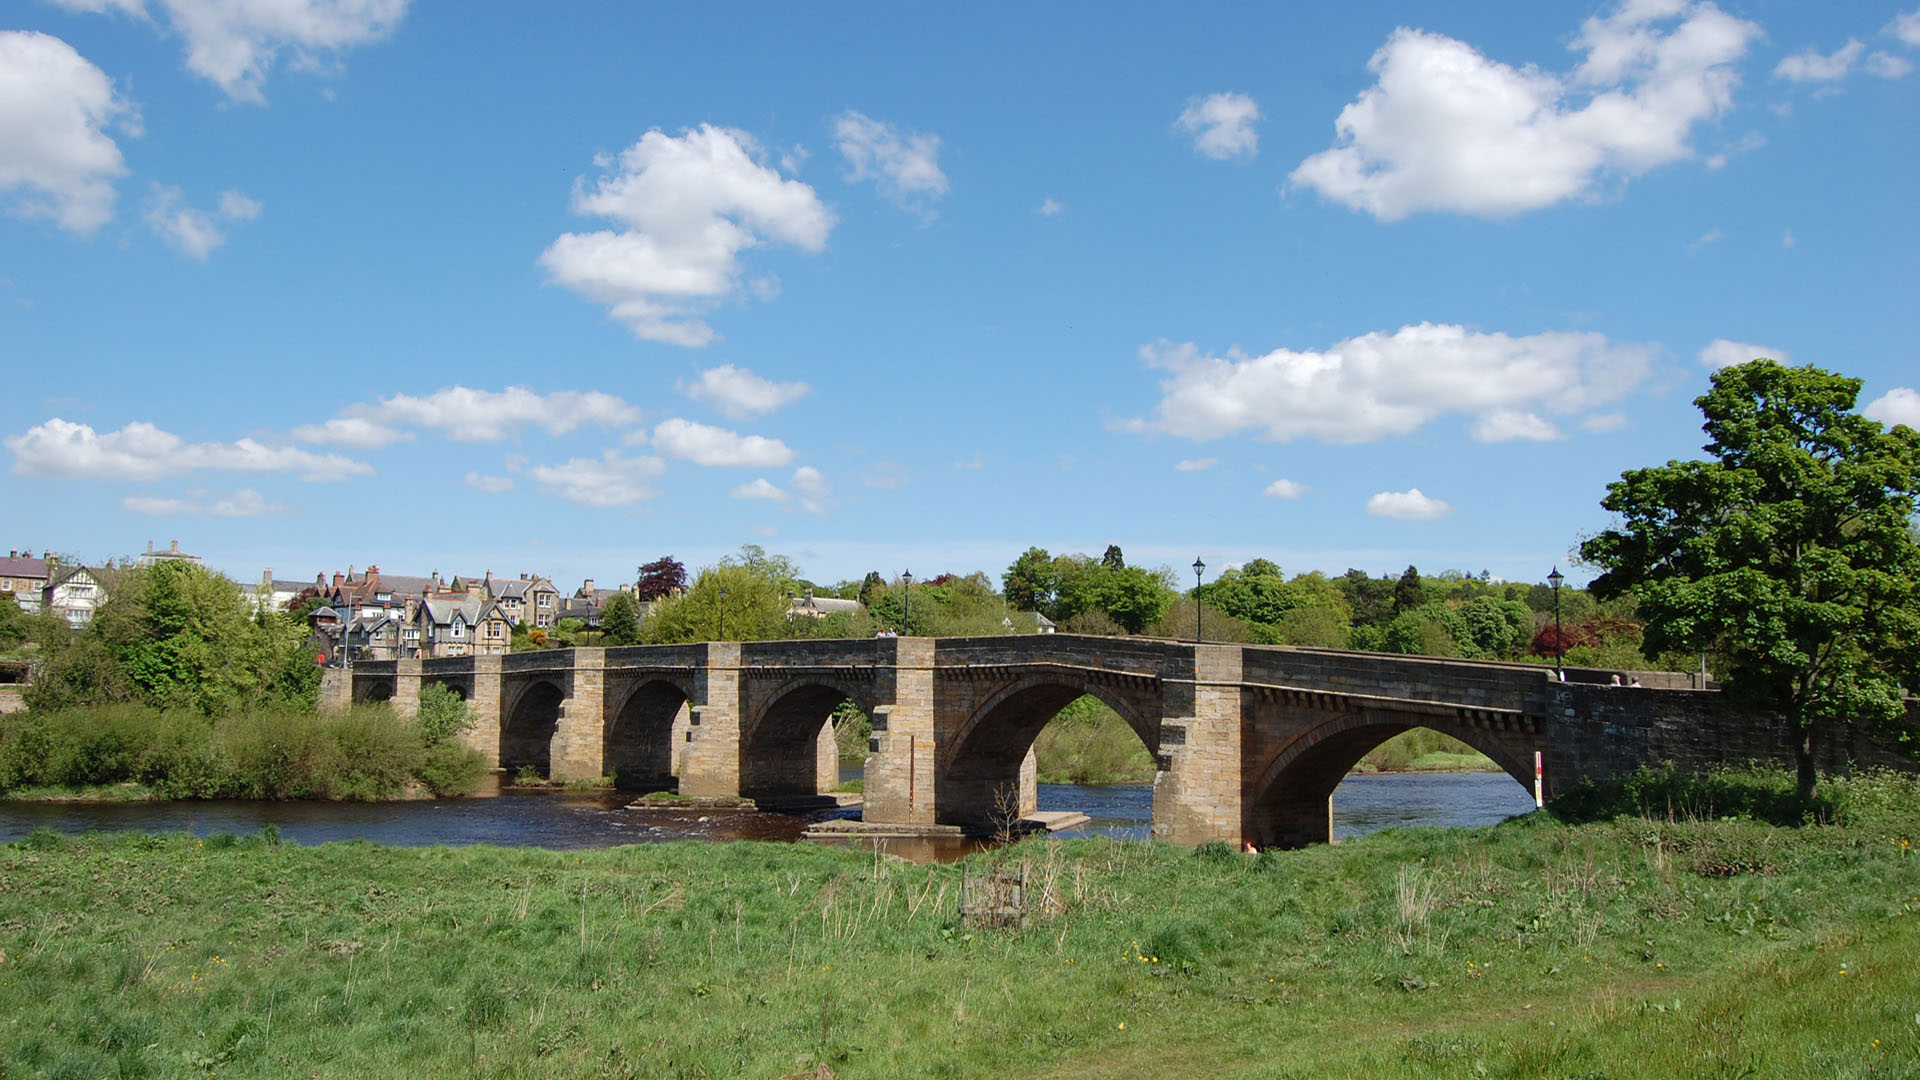 Corbridge Bridge Corbridge Village Tynedale Northumberland